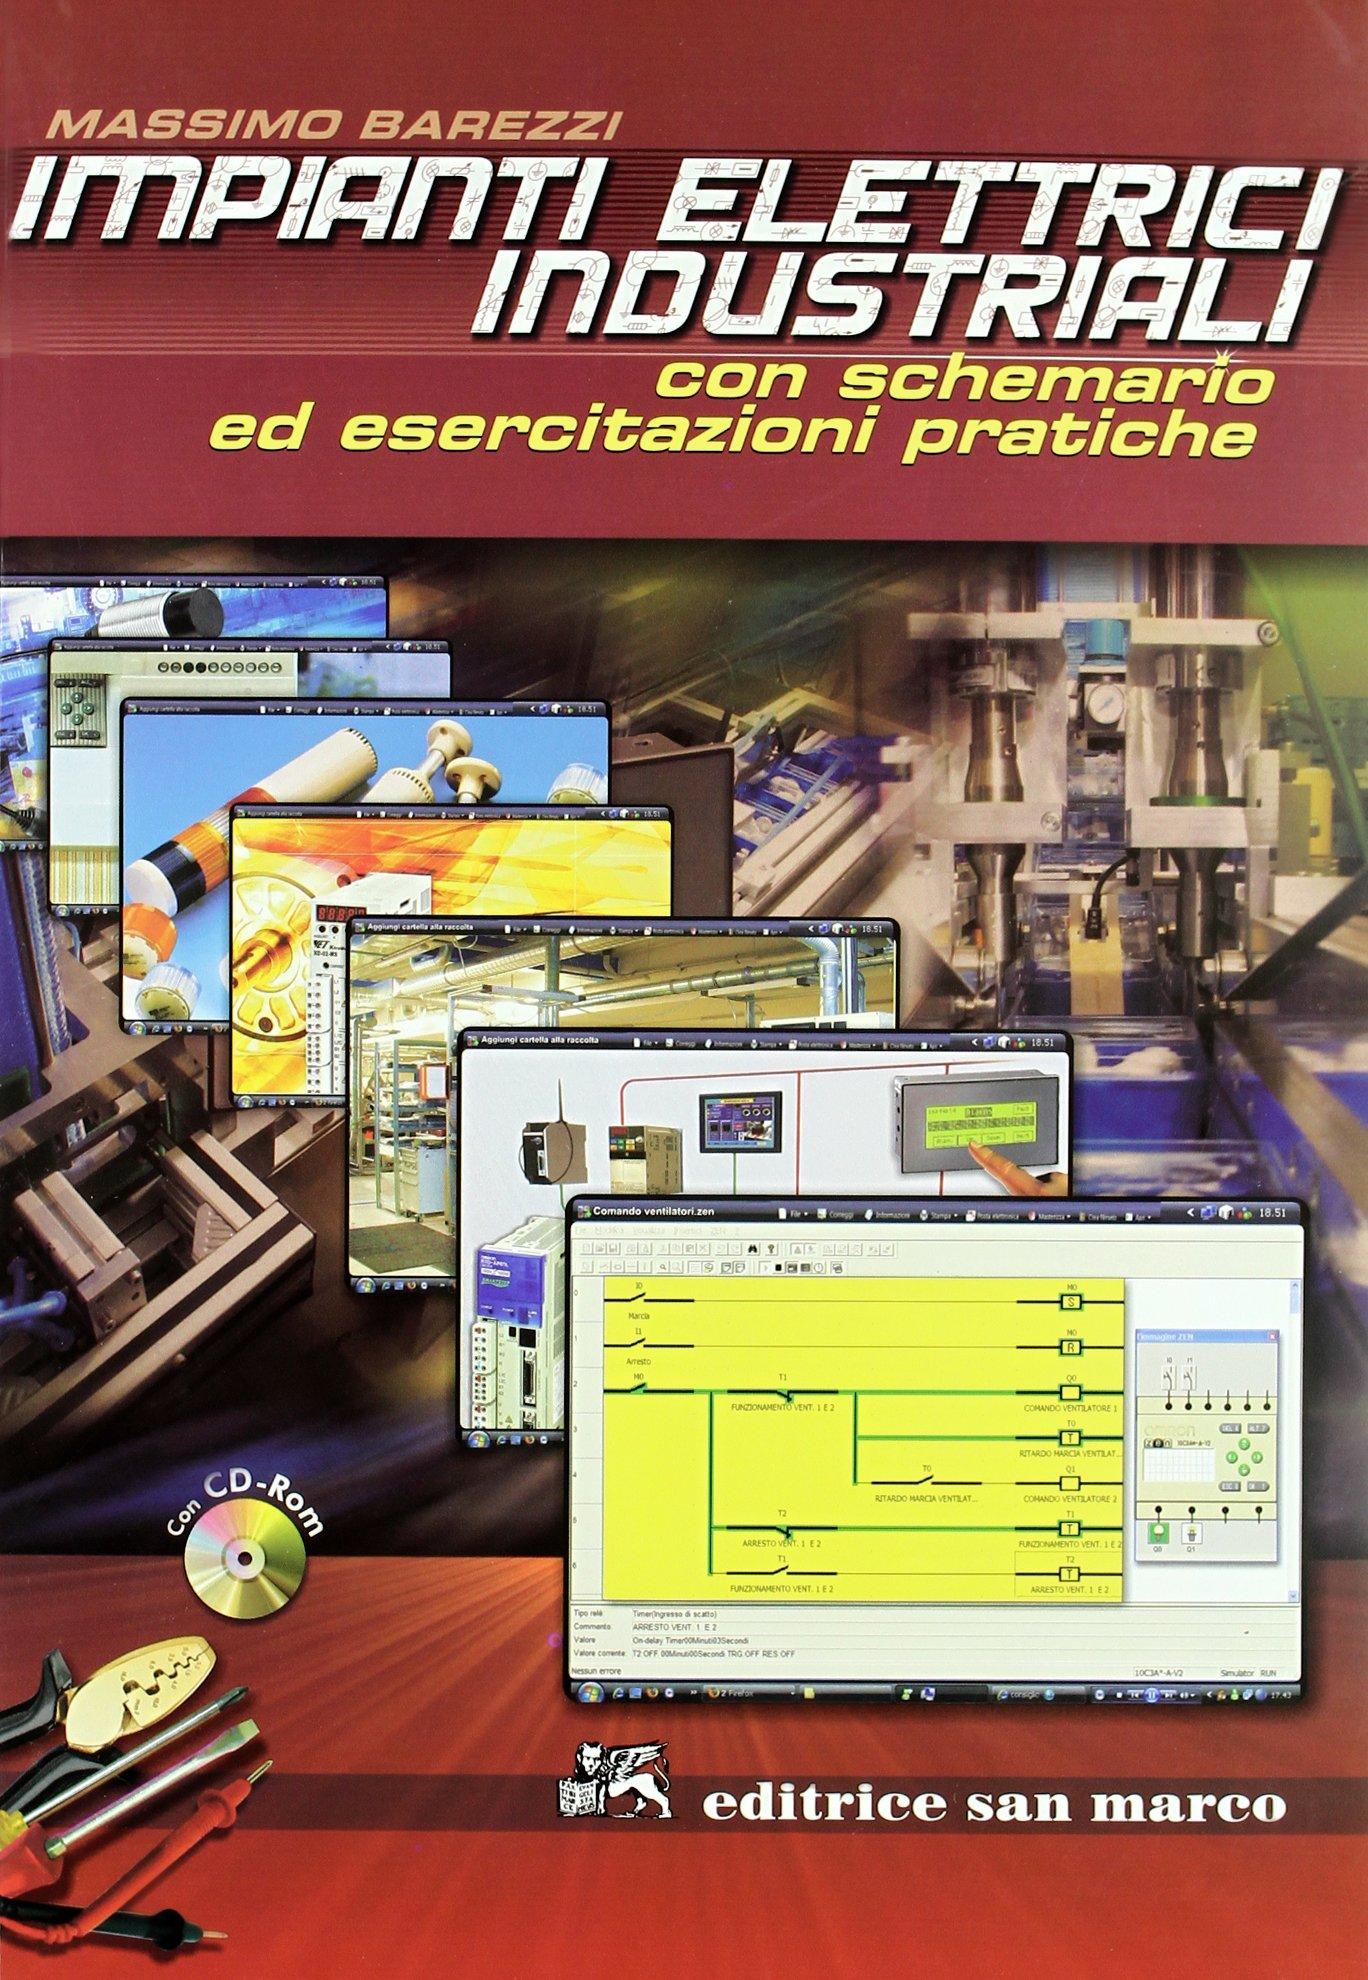 Schemi Elettrici Macchine Industriali : Amazon impianti elettrici industriali con cd rom massimo